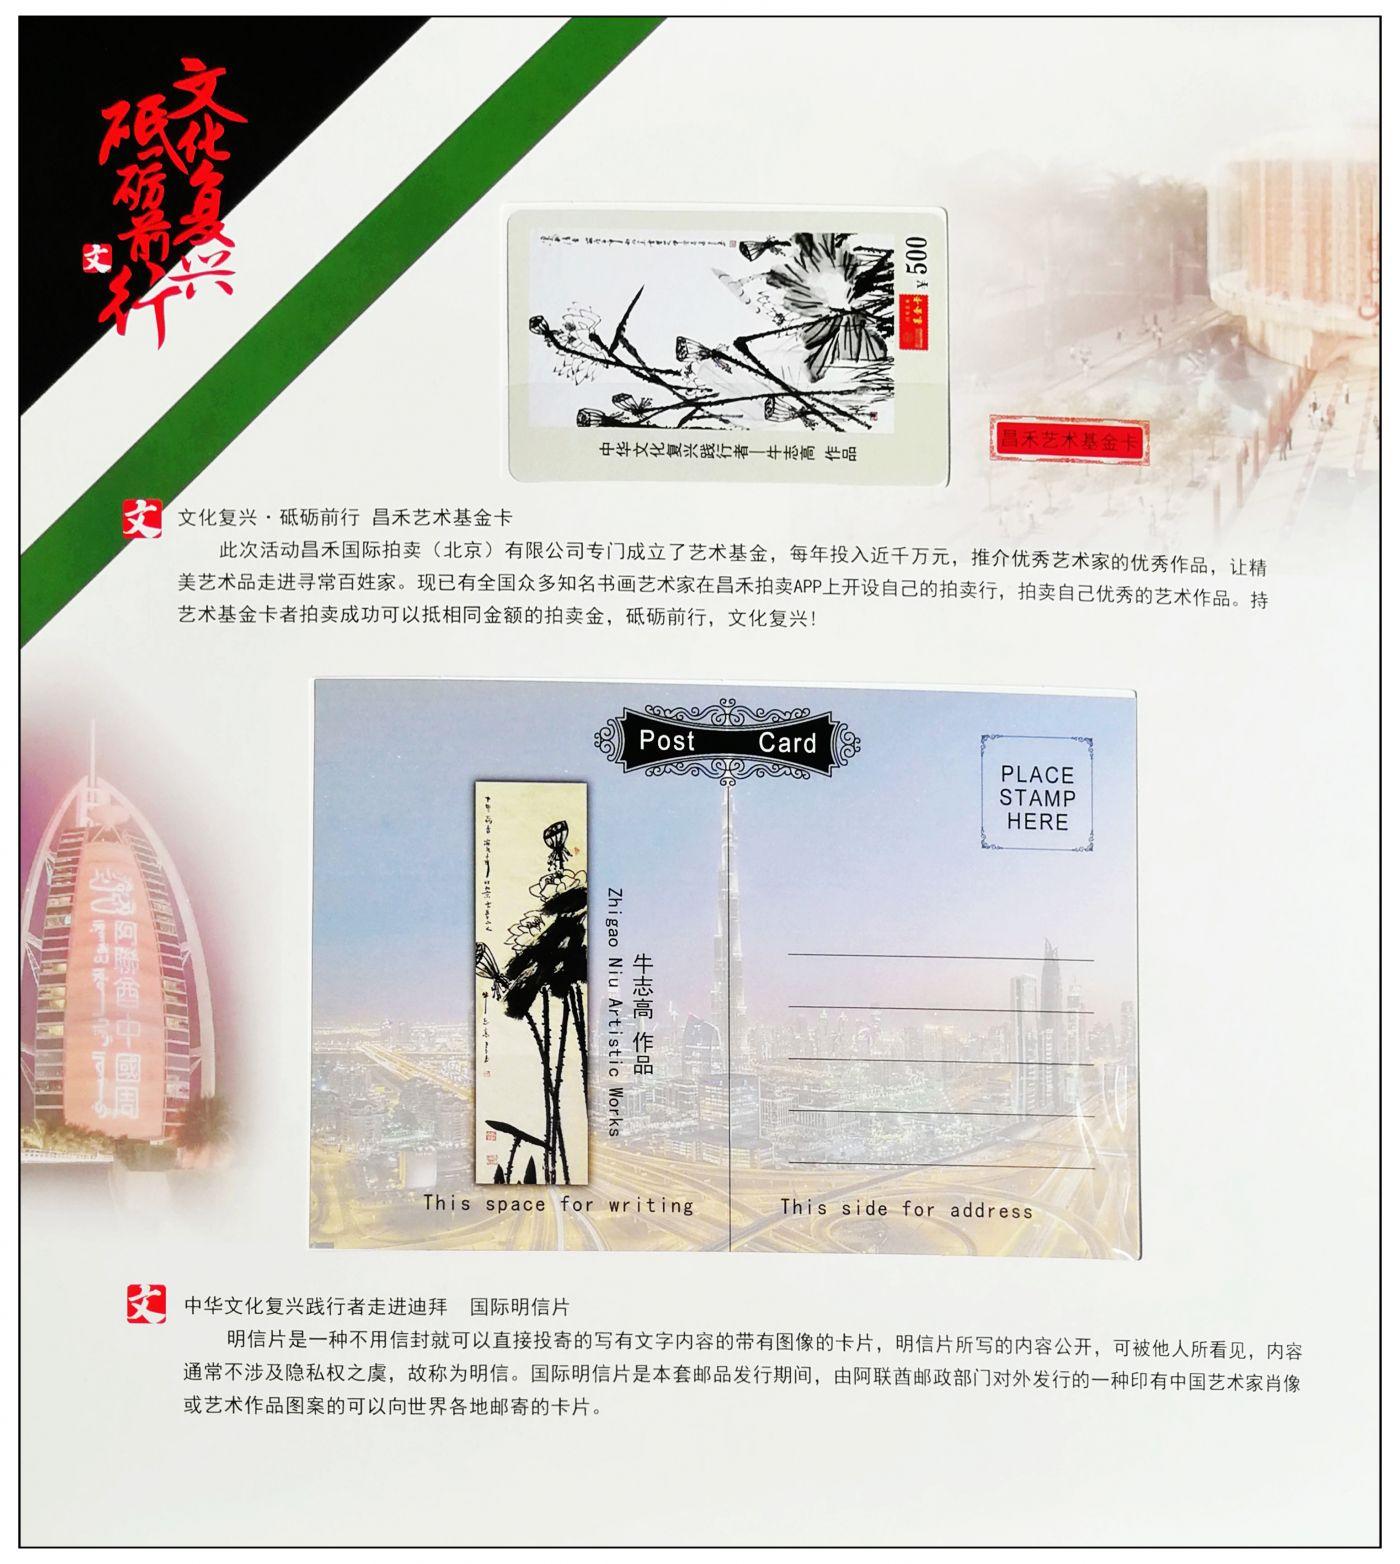 文化复兴----2020年牛志高绘画出版纪念邮票_图1-2